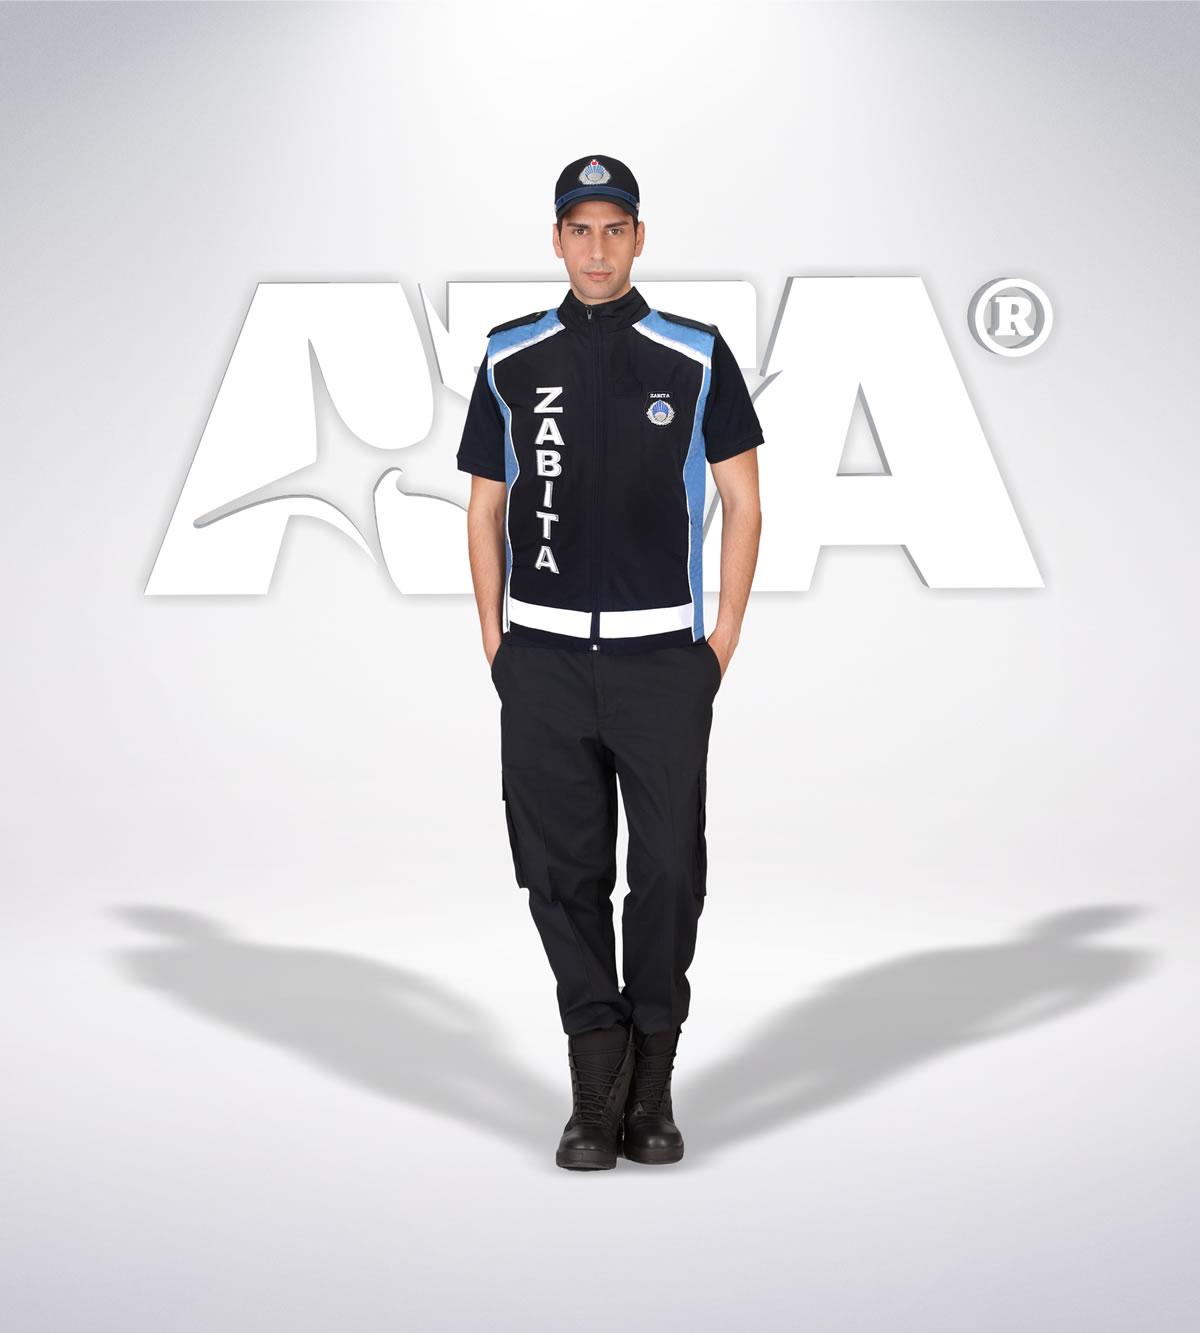 ATA 212 - Ribstop kumaş pantolon - reflektör yelek - t shirt - aksesuar - zabıta elbiseleri | zabıta üniformaları | zabıta kıyafetleri